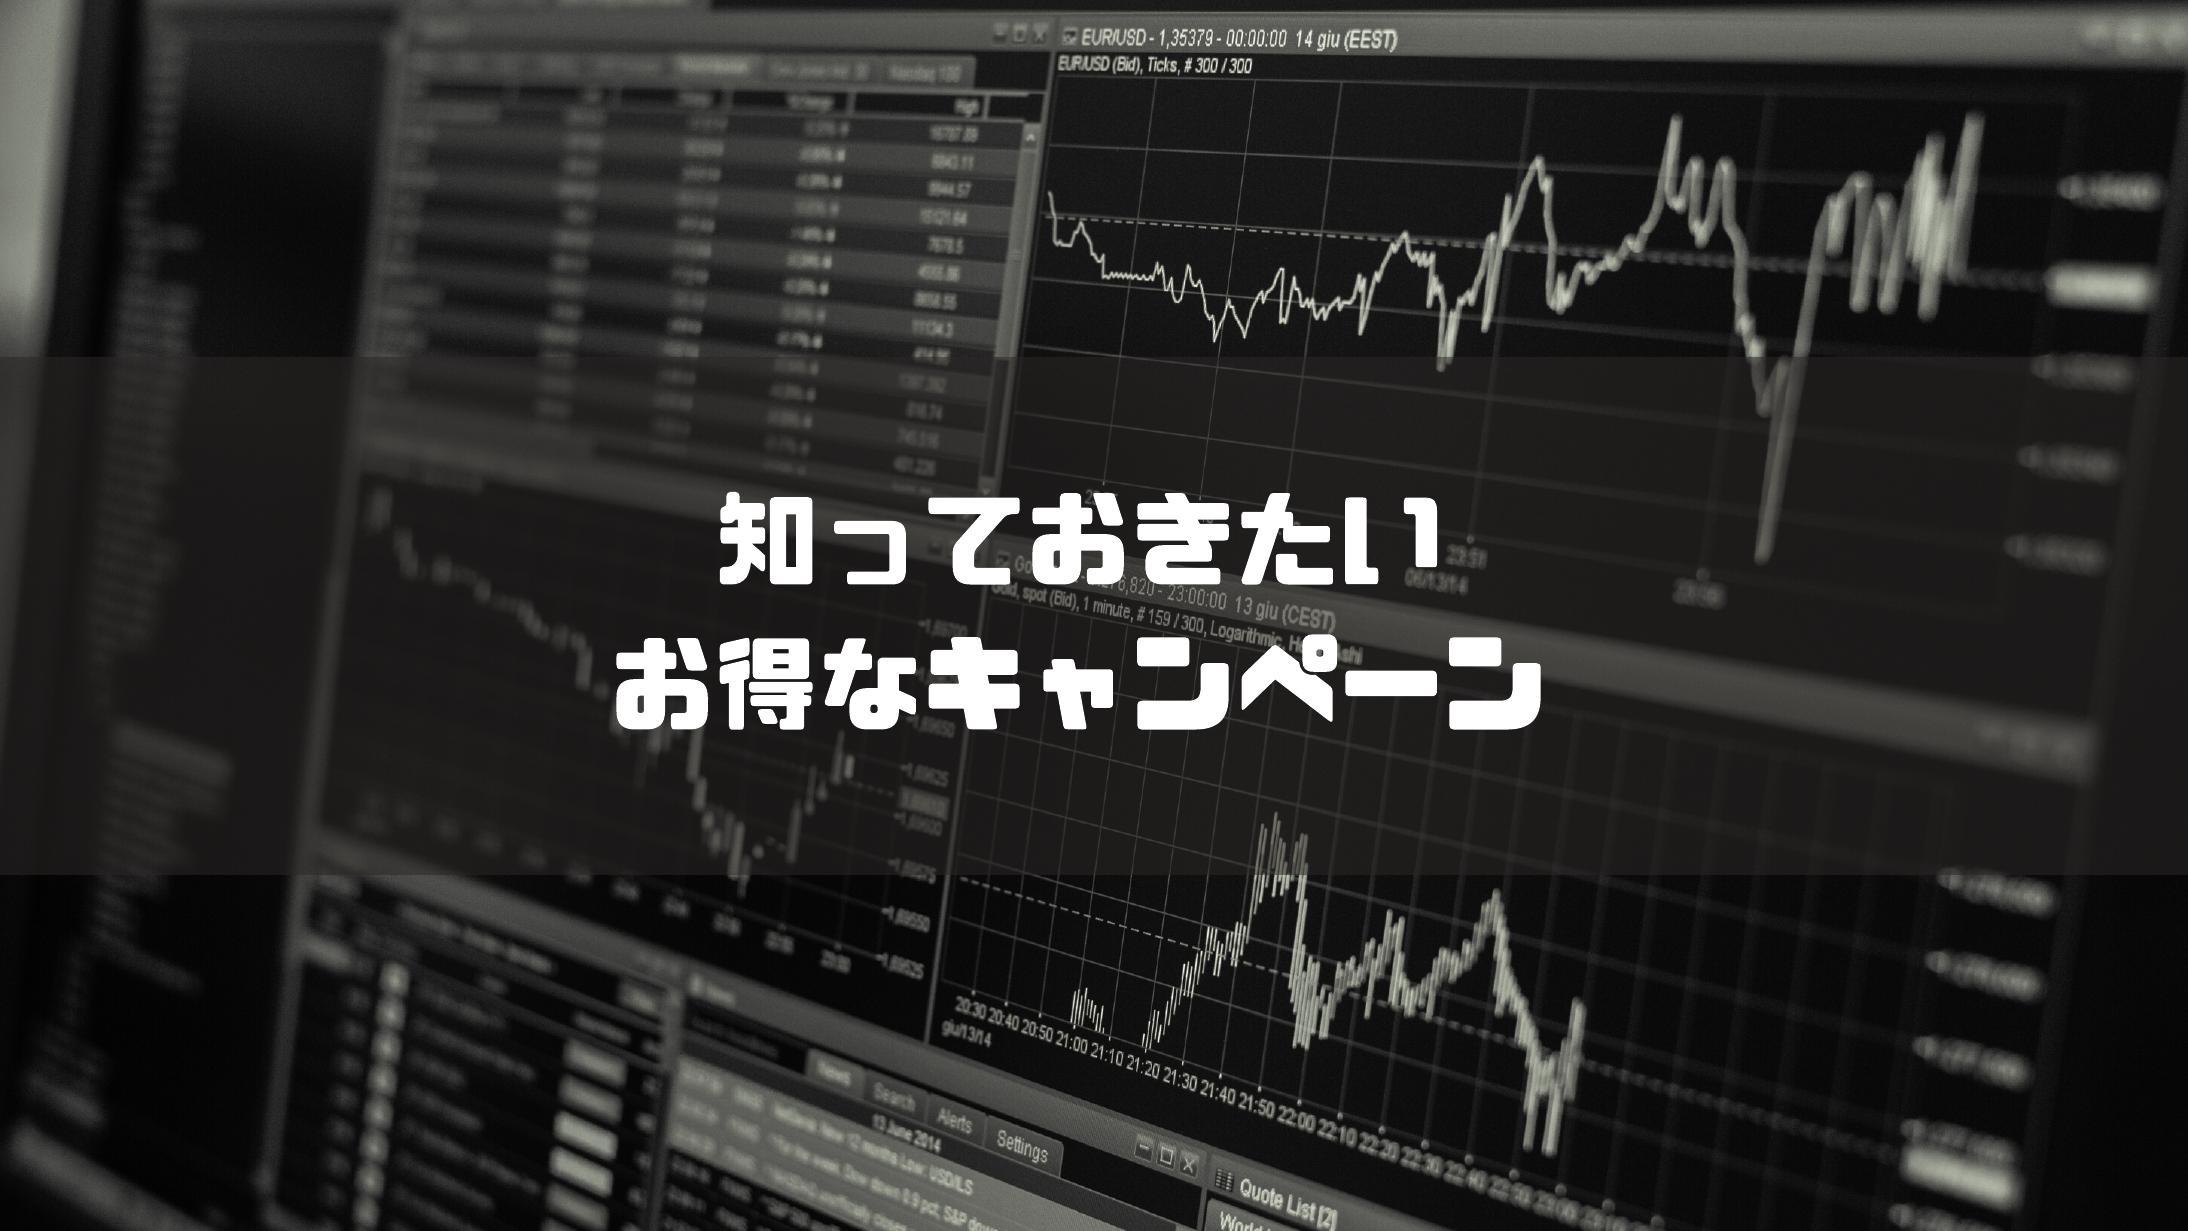 NURO_光_テレビ_キャンペーン